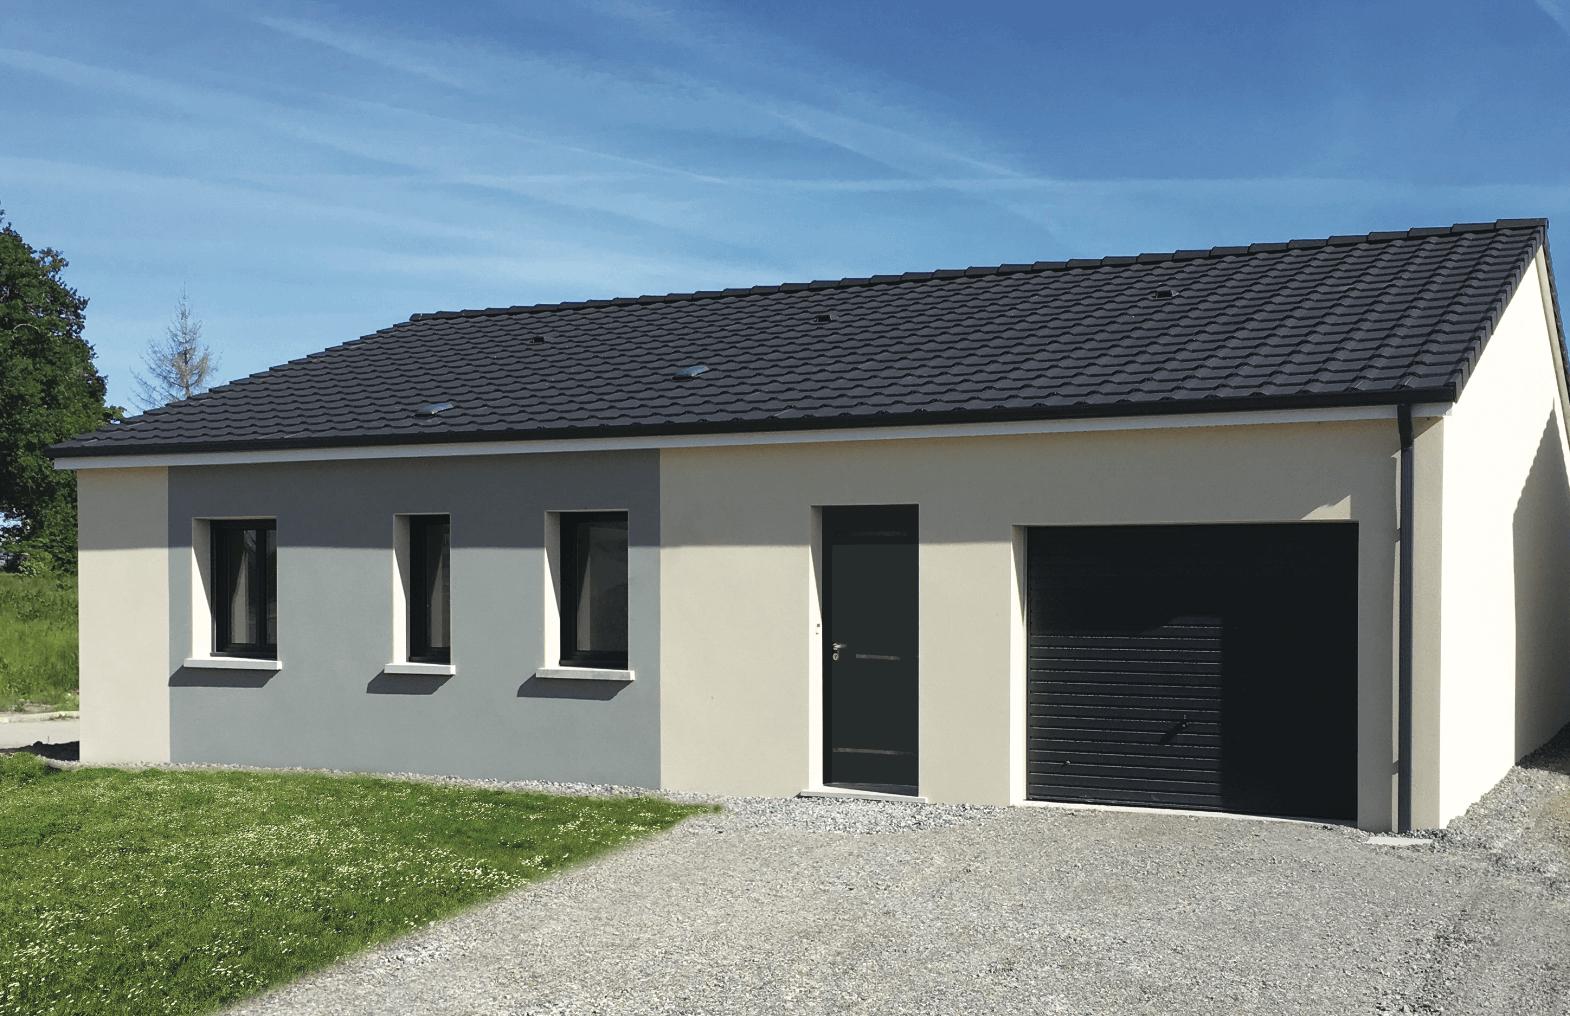 maisons jubault vente maison belz with maisons jubault. Black Bedroom Furniture Sets. Home Design Ideas